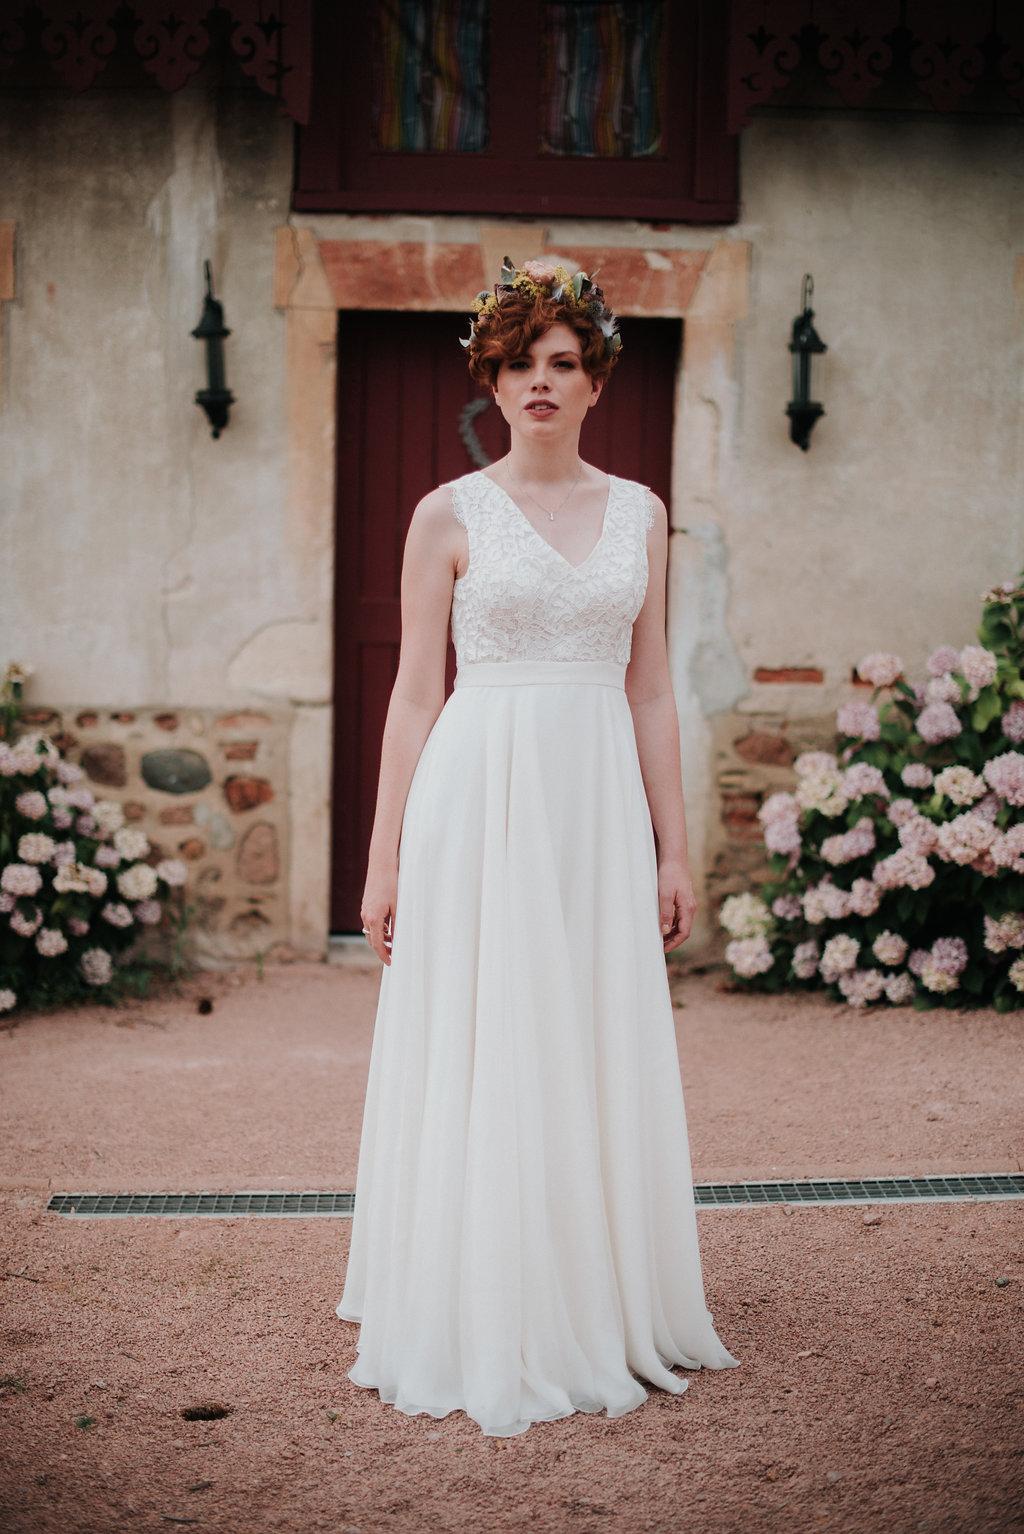 Léa-Fery-photographe-professionnel-lyon-rhone-alpes-portrait-creation-mariage-evenement-evenementiel-famille-7772.jpg